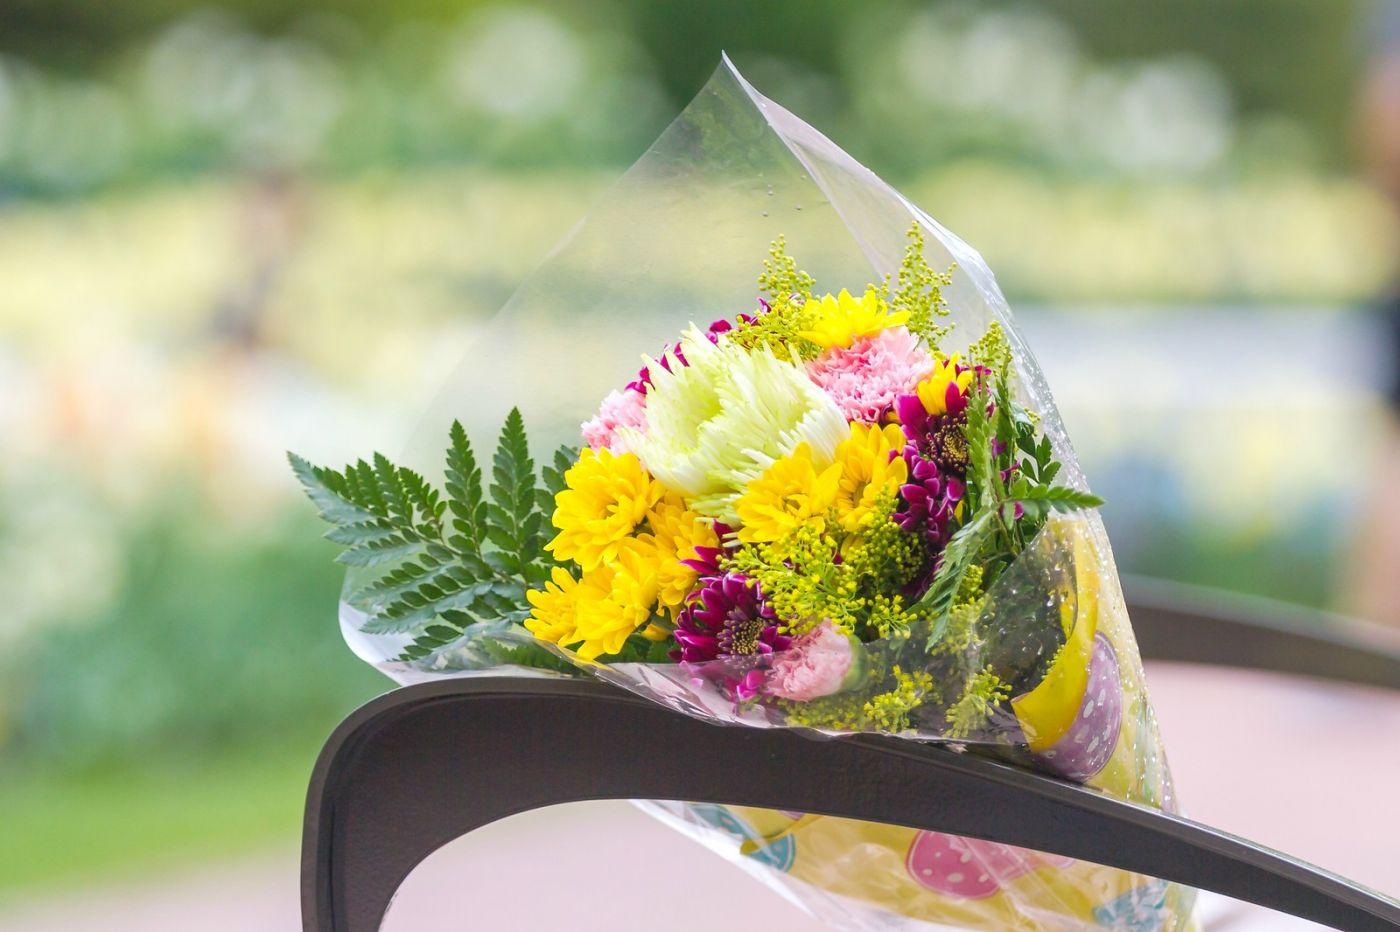 一束花的畅想_图1-27